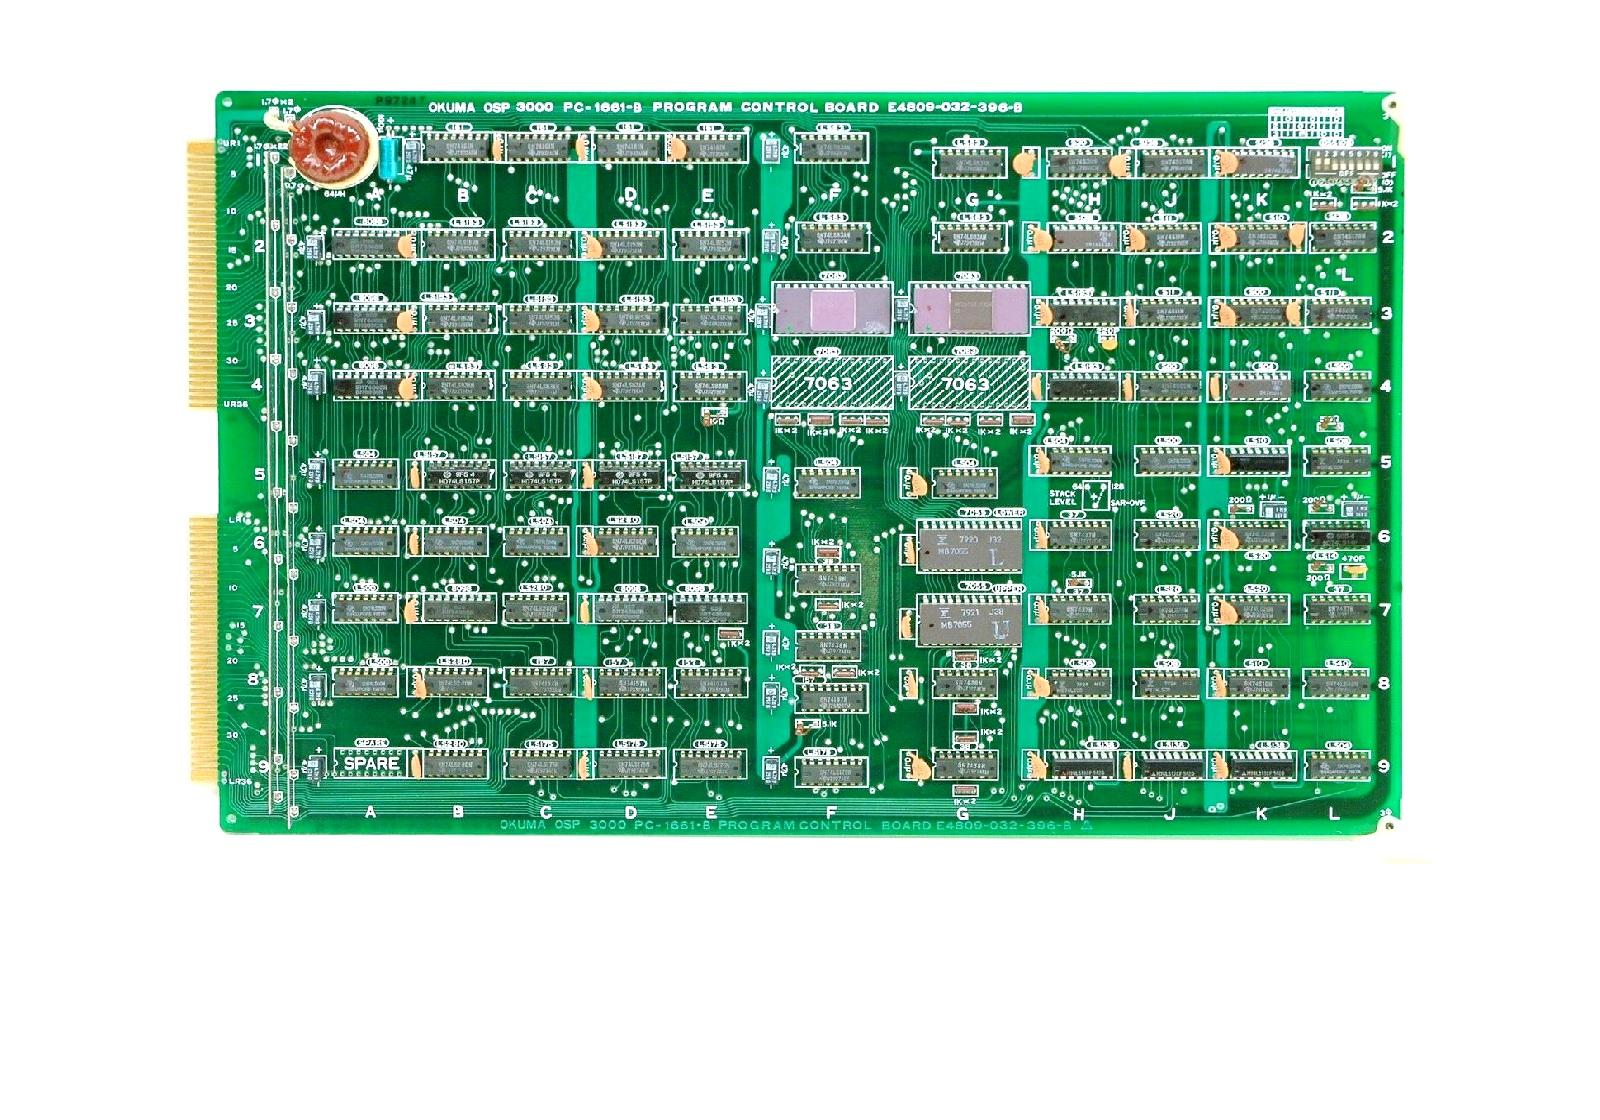 E4809-032-399-F